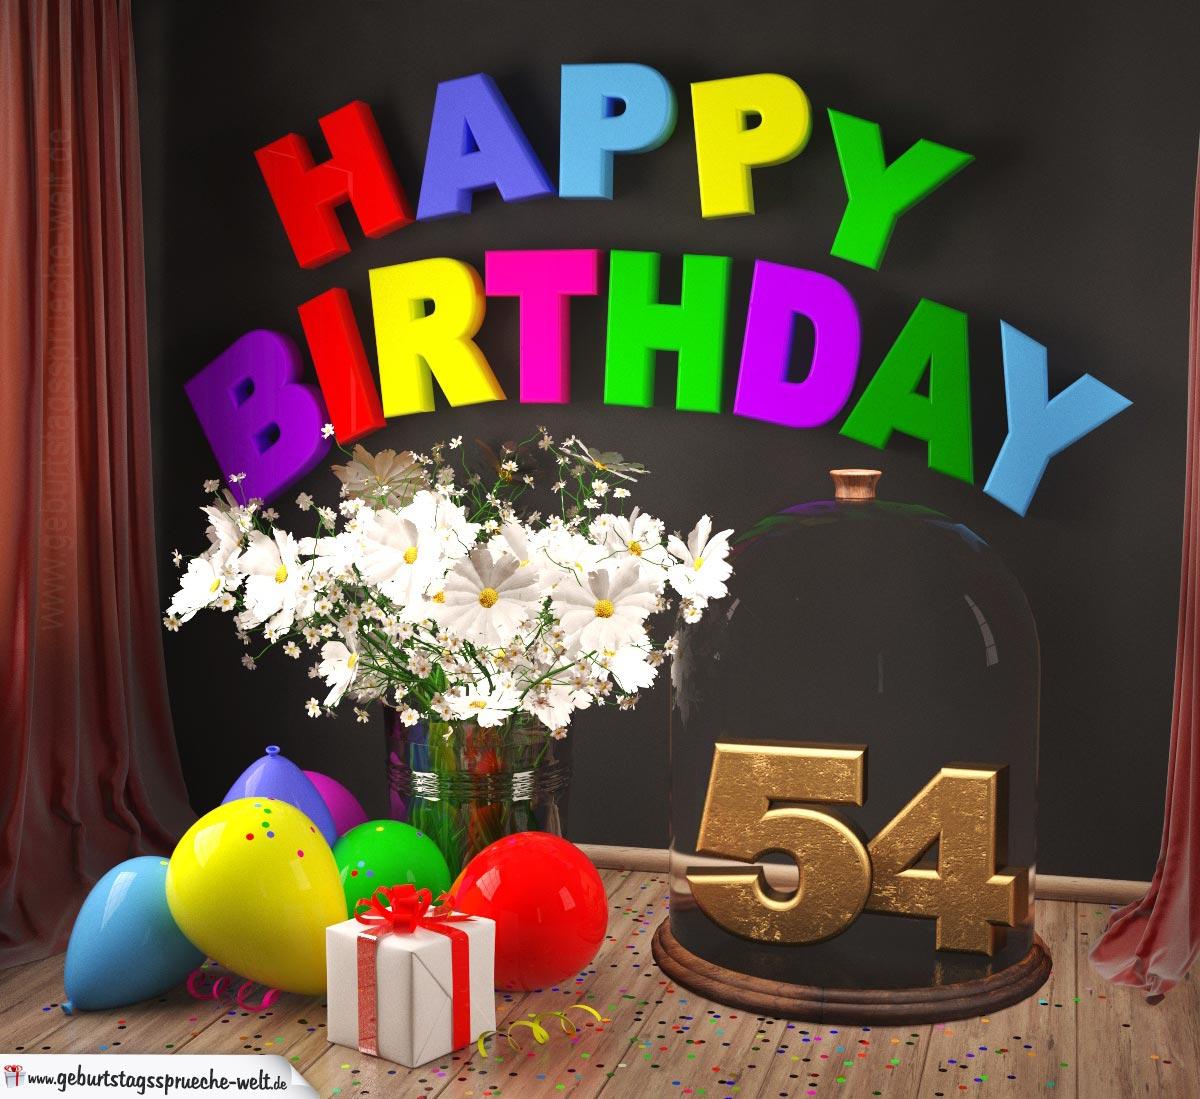 Happy Birthday 54 Jahre Glückwunschkarte mit Margeriten-Blumenstrauß, Luftballons und Geschenk unter Glasglocke